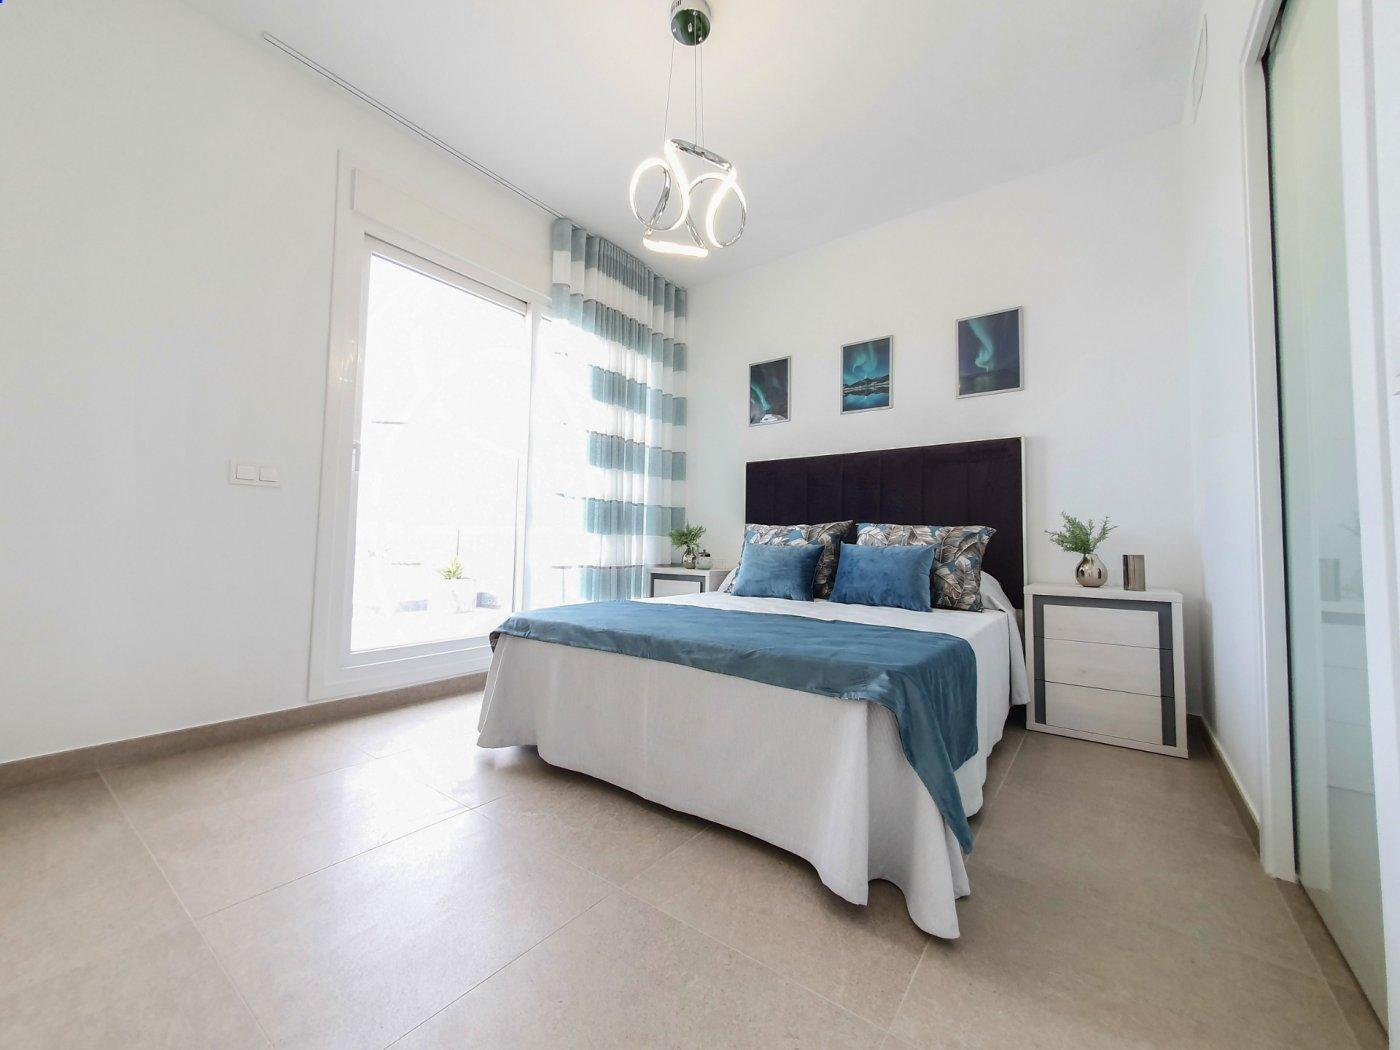 Villas modernas en pilar de horadada - imagenInmueble30